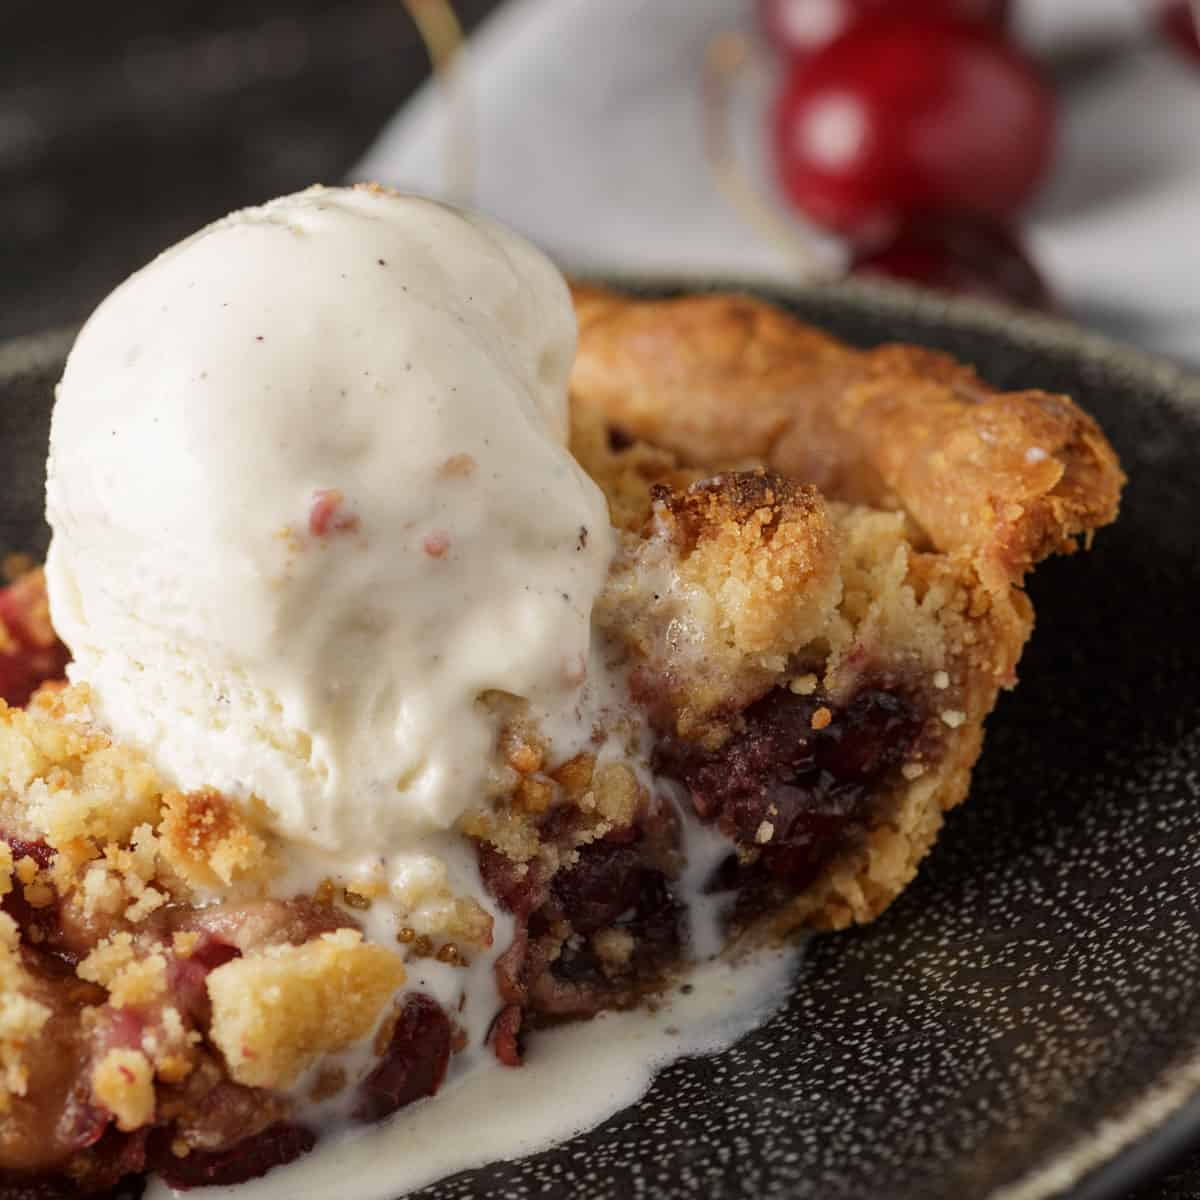 A slice of cherry streusel pie with vanilla ice cream